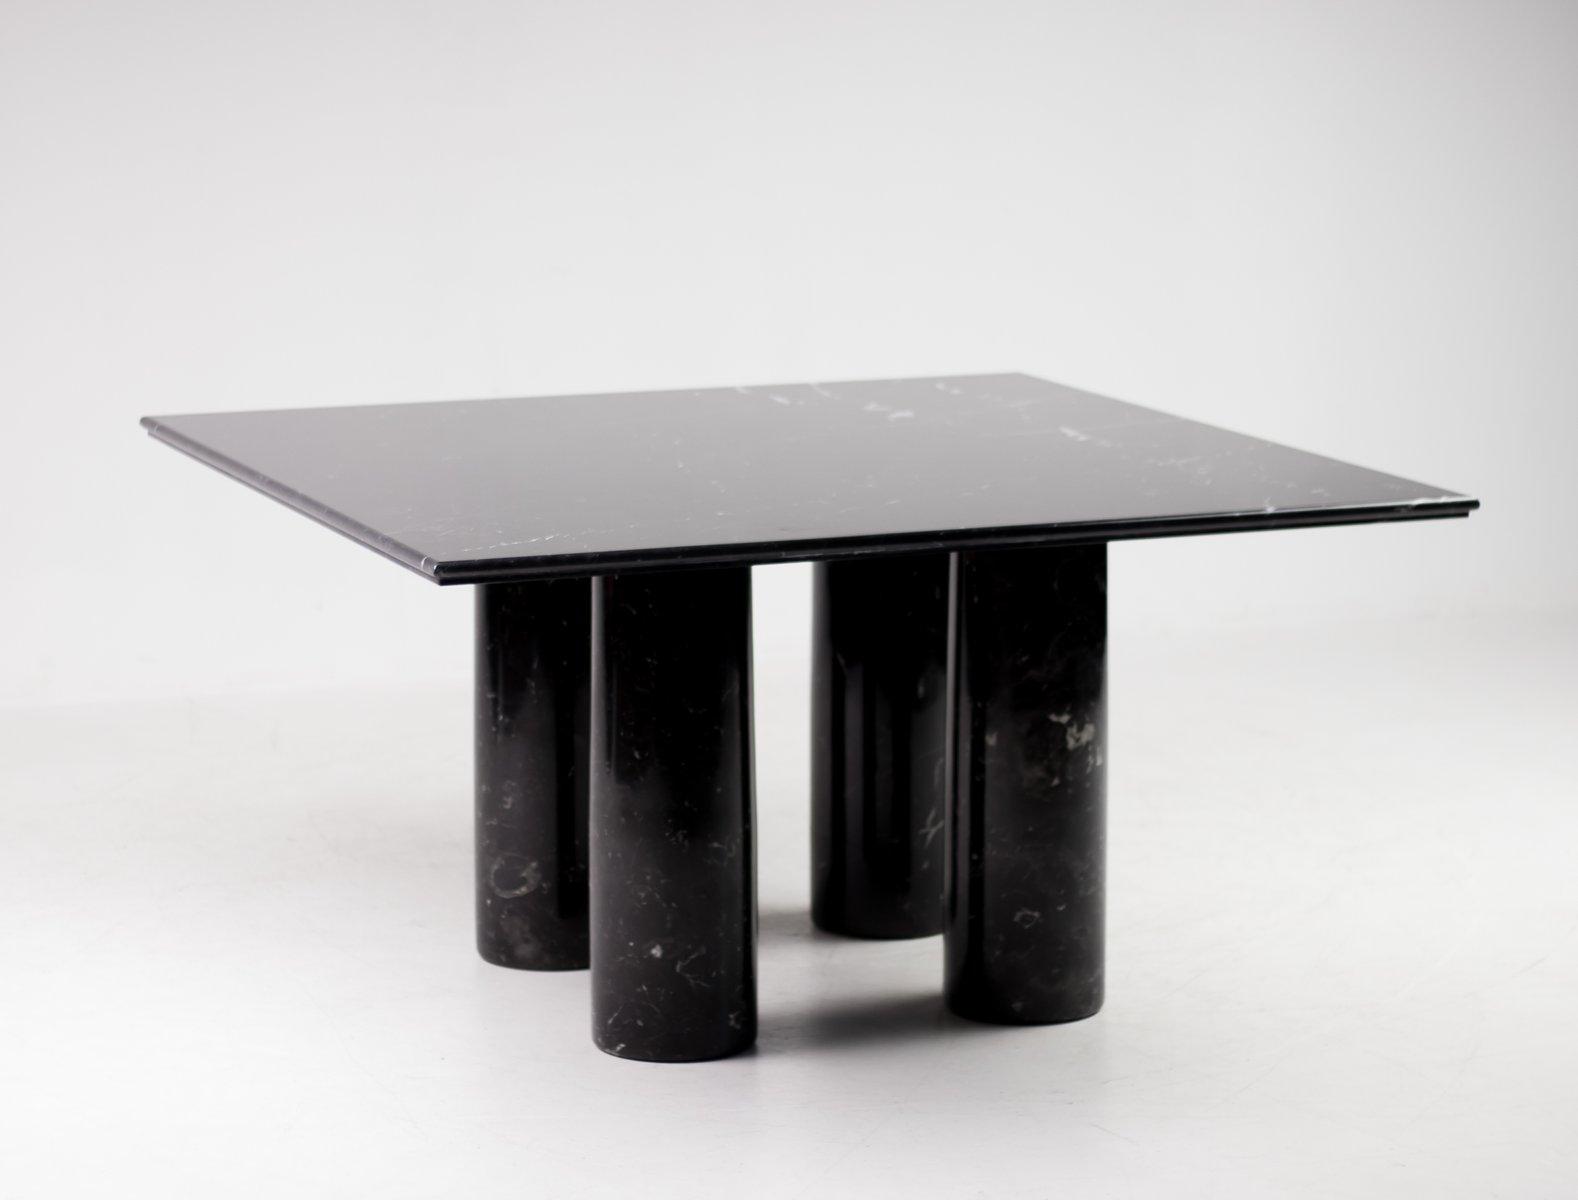 Schwarzer marmor tisch von mario bellini f r cassina 1982 for Schwarzer tisch